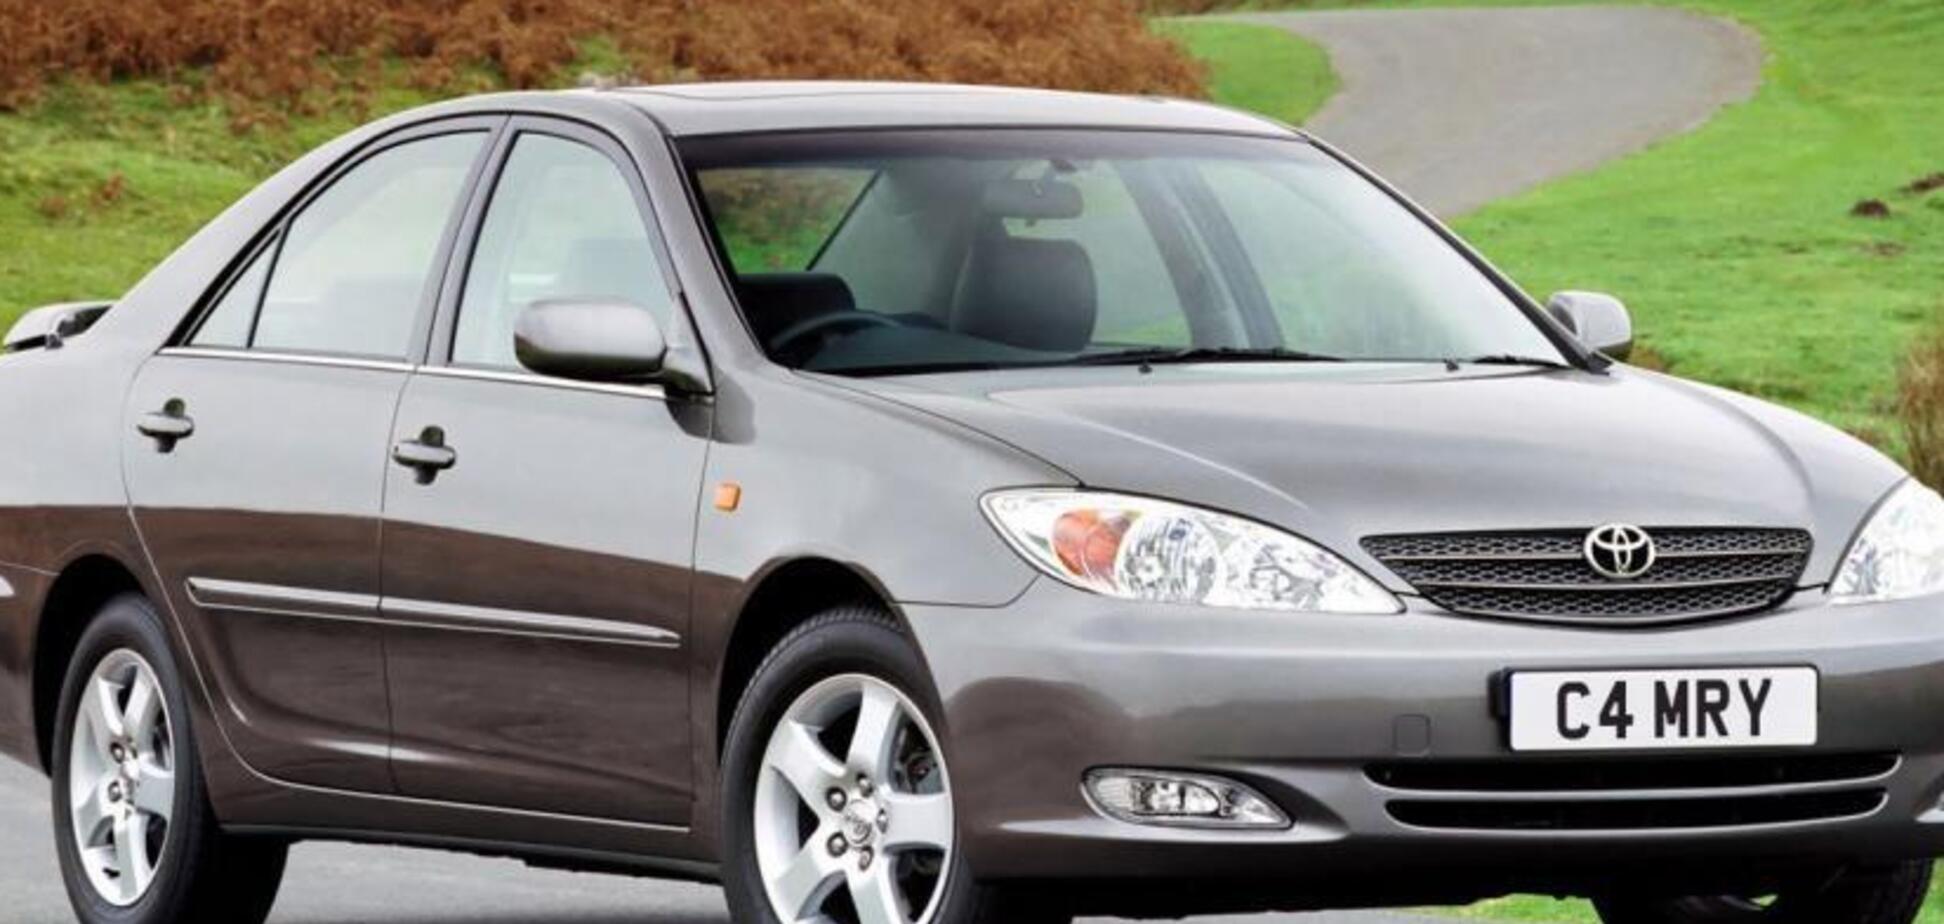 Американцы назвали лучшие б/у авто до $5000: только 'японцы'